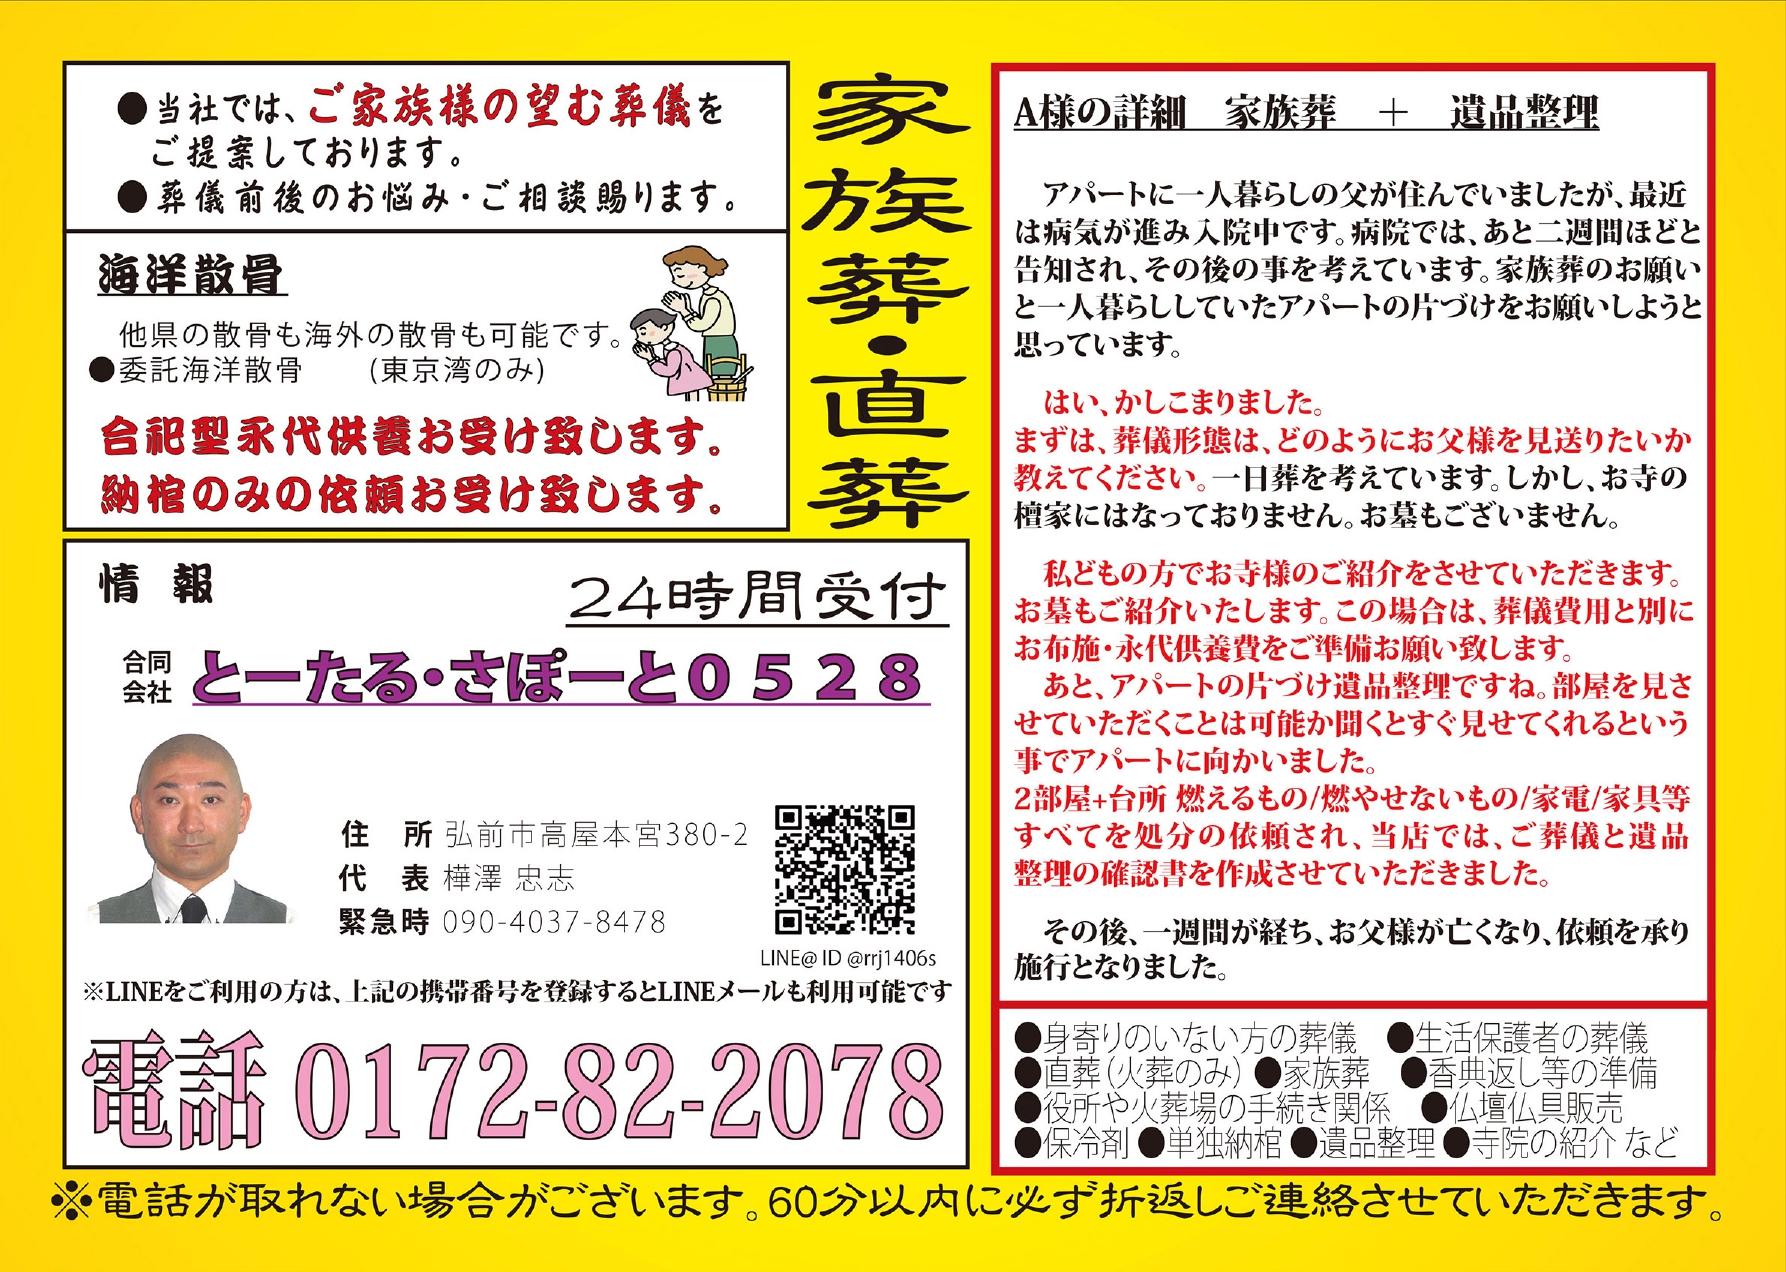 とーたる・さぽーと0528_page-0001.jpg